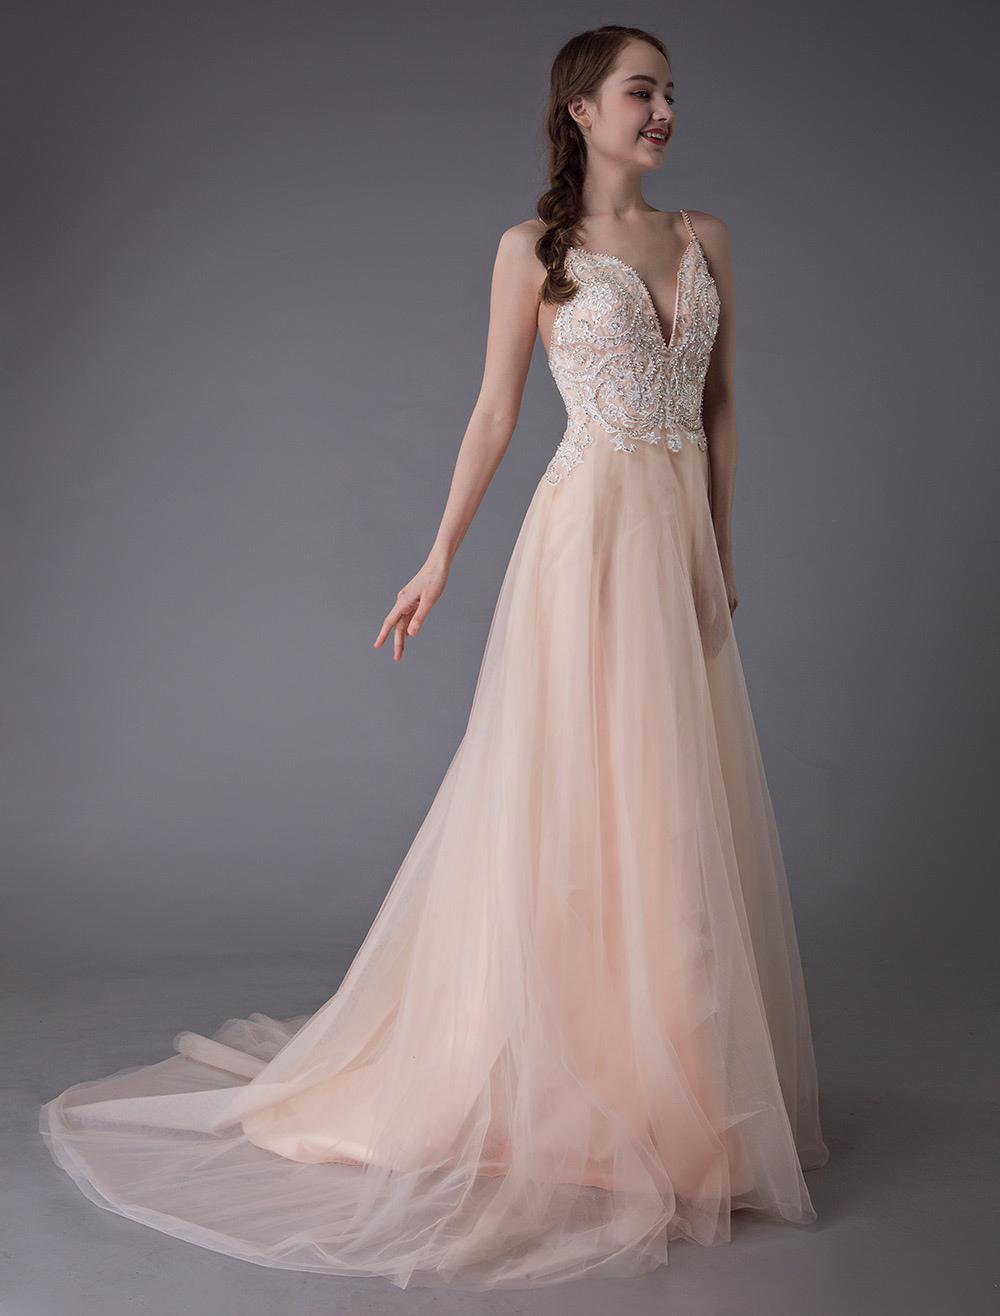 a basso prezzo 957a1 70cc5 Abito da sposa colorato 2019 Morbidi abiti da sposa rosa abito da sposa in  tulle cinghie scollo a V una linea abiti da ballo